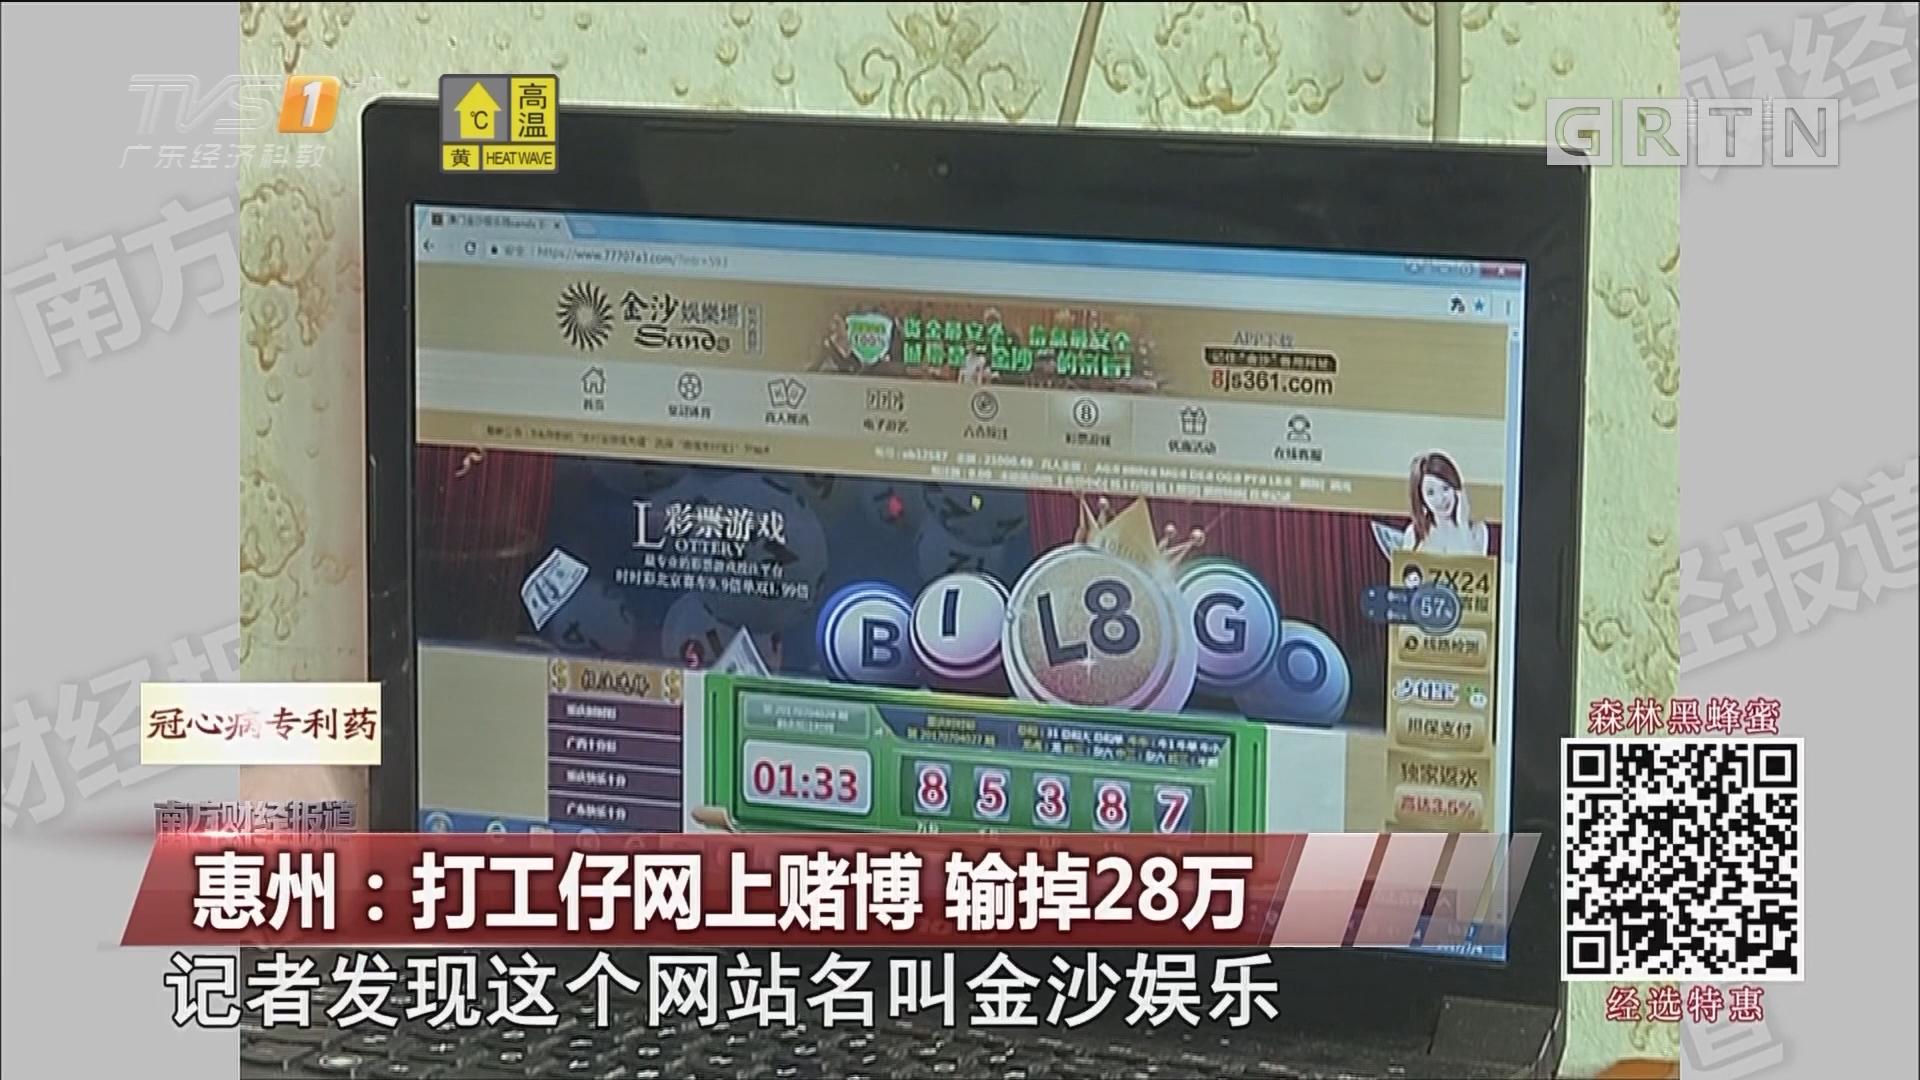 惠州:打工仔网上赌博 输掉28万